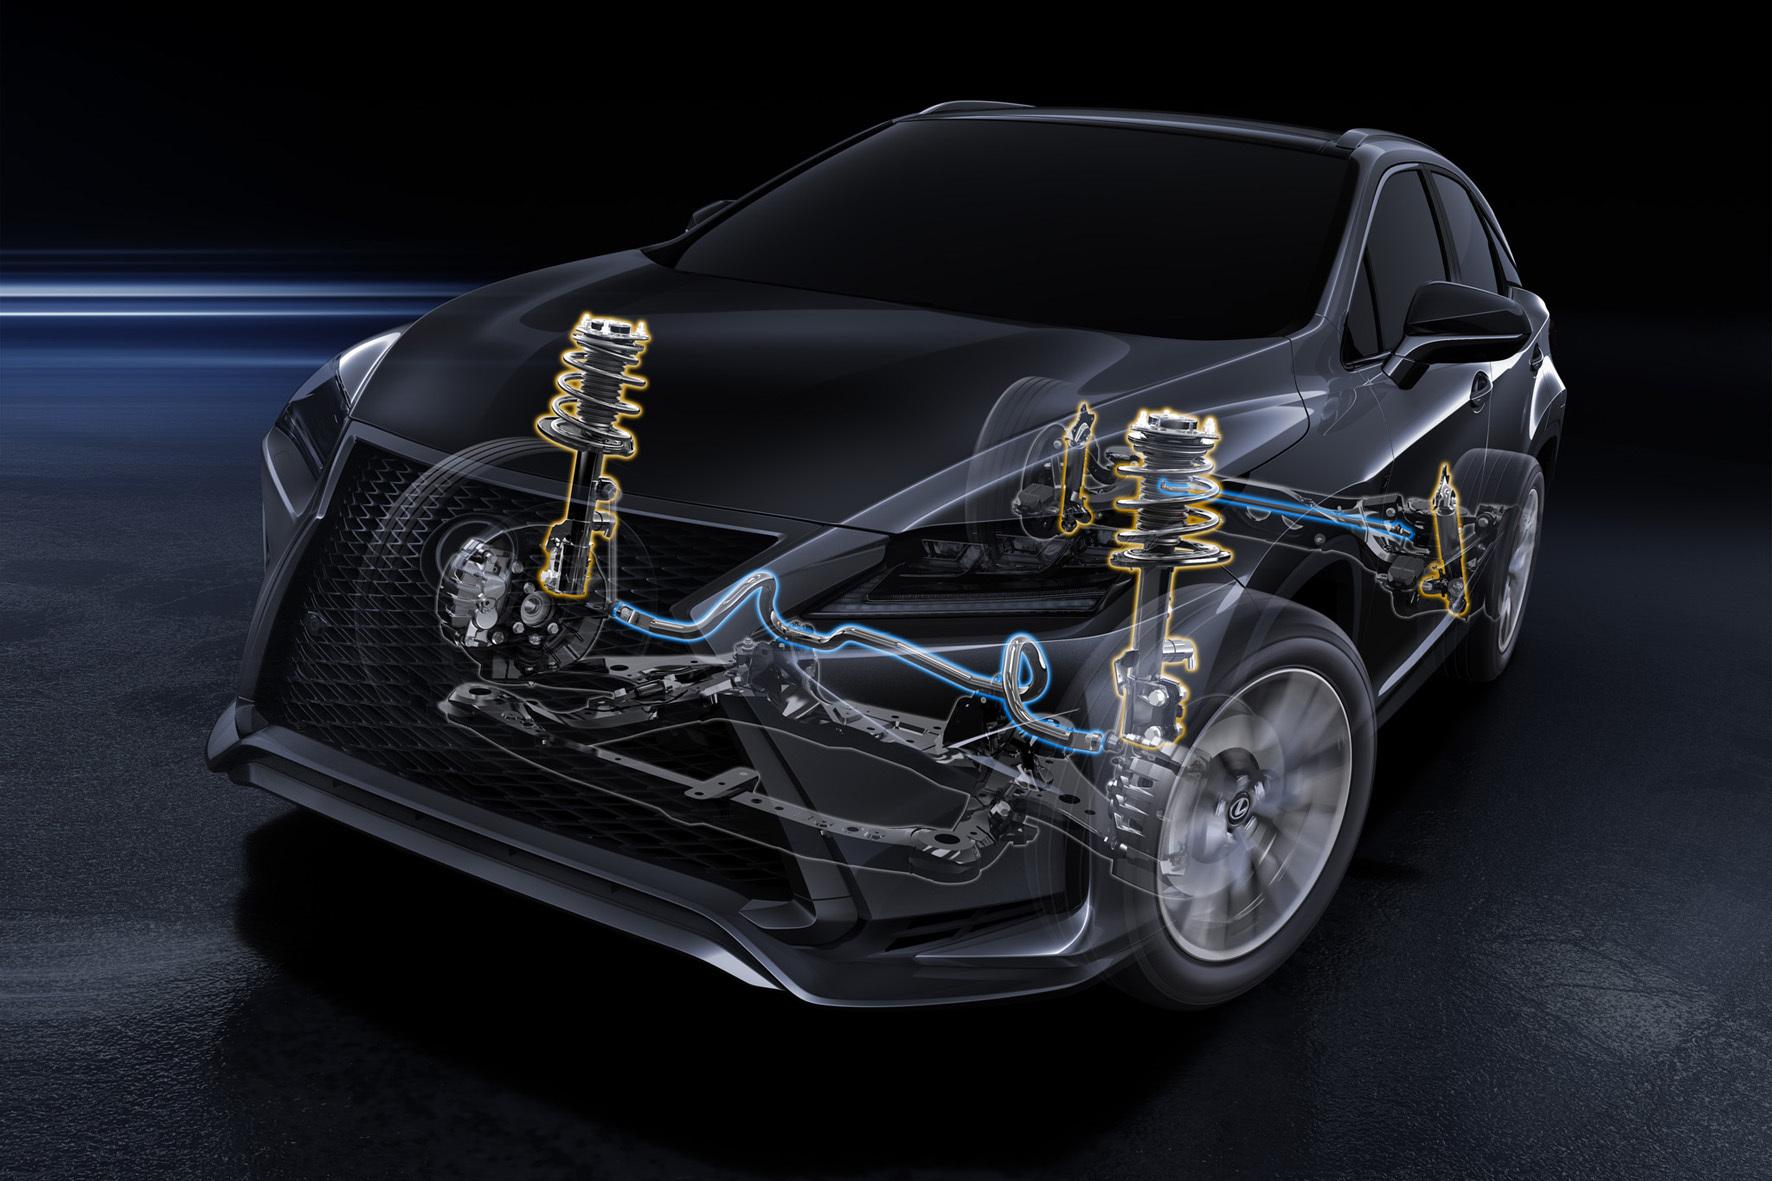 mid Köln - Bei der im Frühjahr 2016 startenden Generation des RX setzt Lexus ein grundlegend überarbeitetes Fahrwerk ein. Das soll für mehr Komfort und Agilität sorgen.